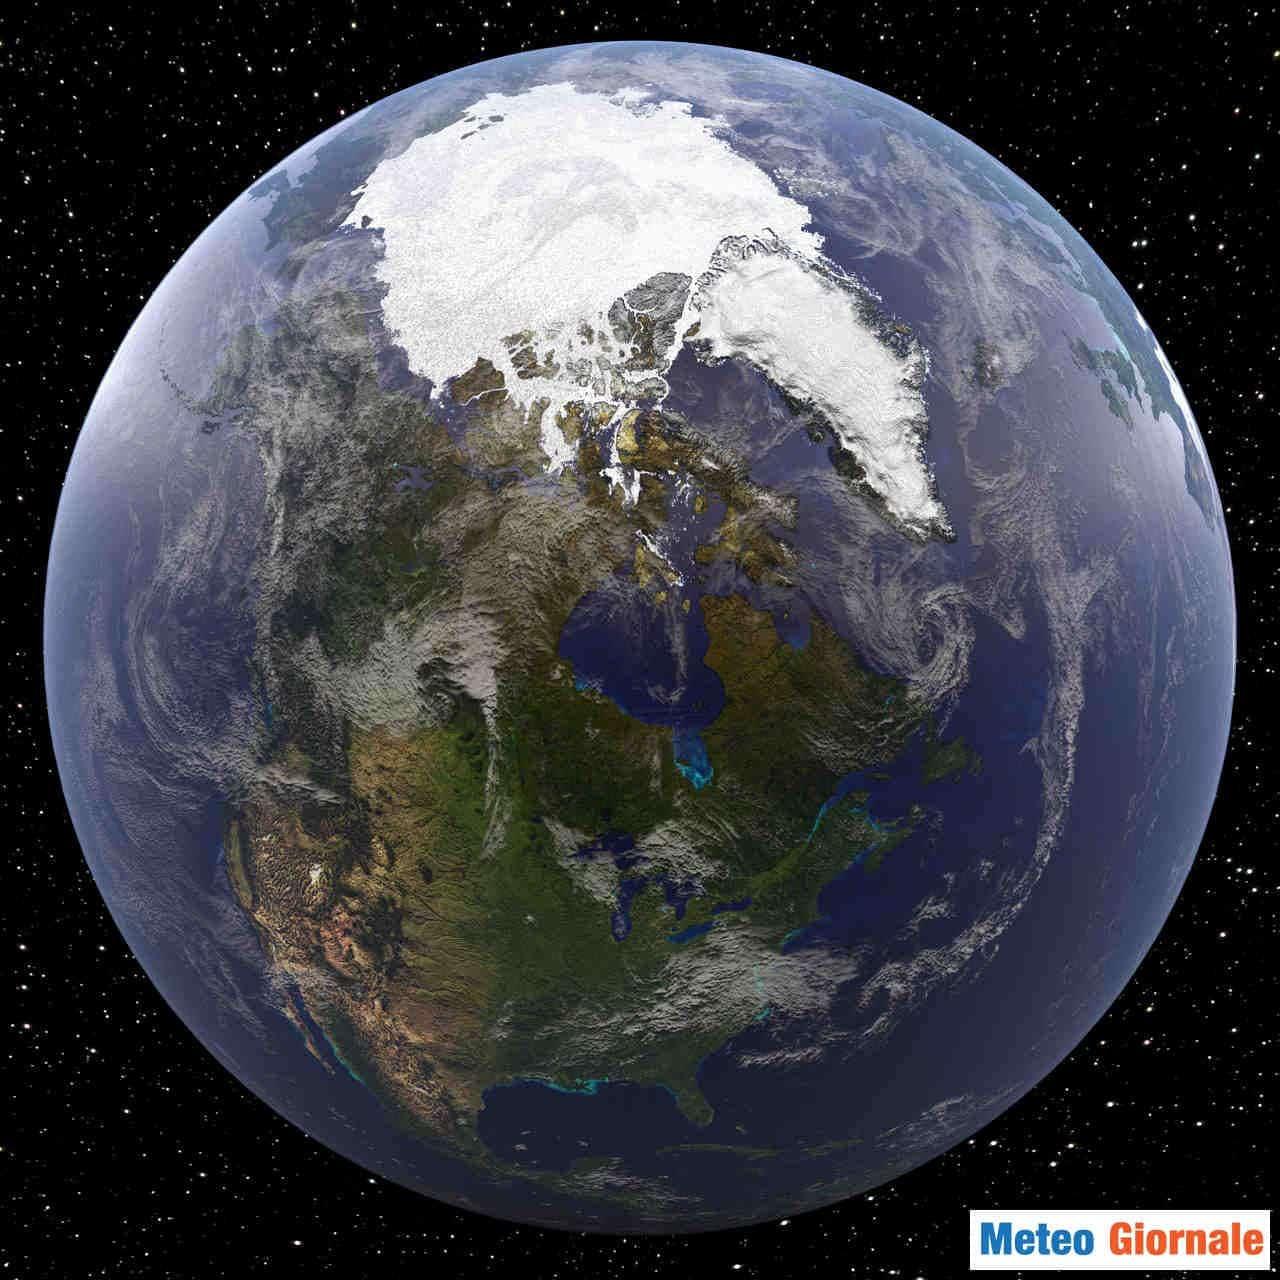 artico ghiacci estensione - METEO sull'Artico, raggiunta la minima estensione dei ghiacci. Buone notizie